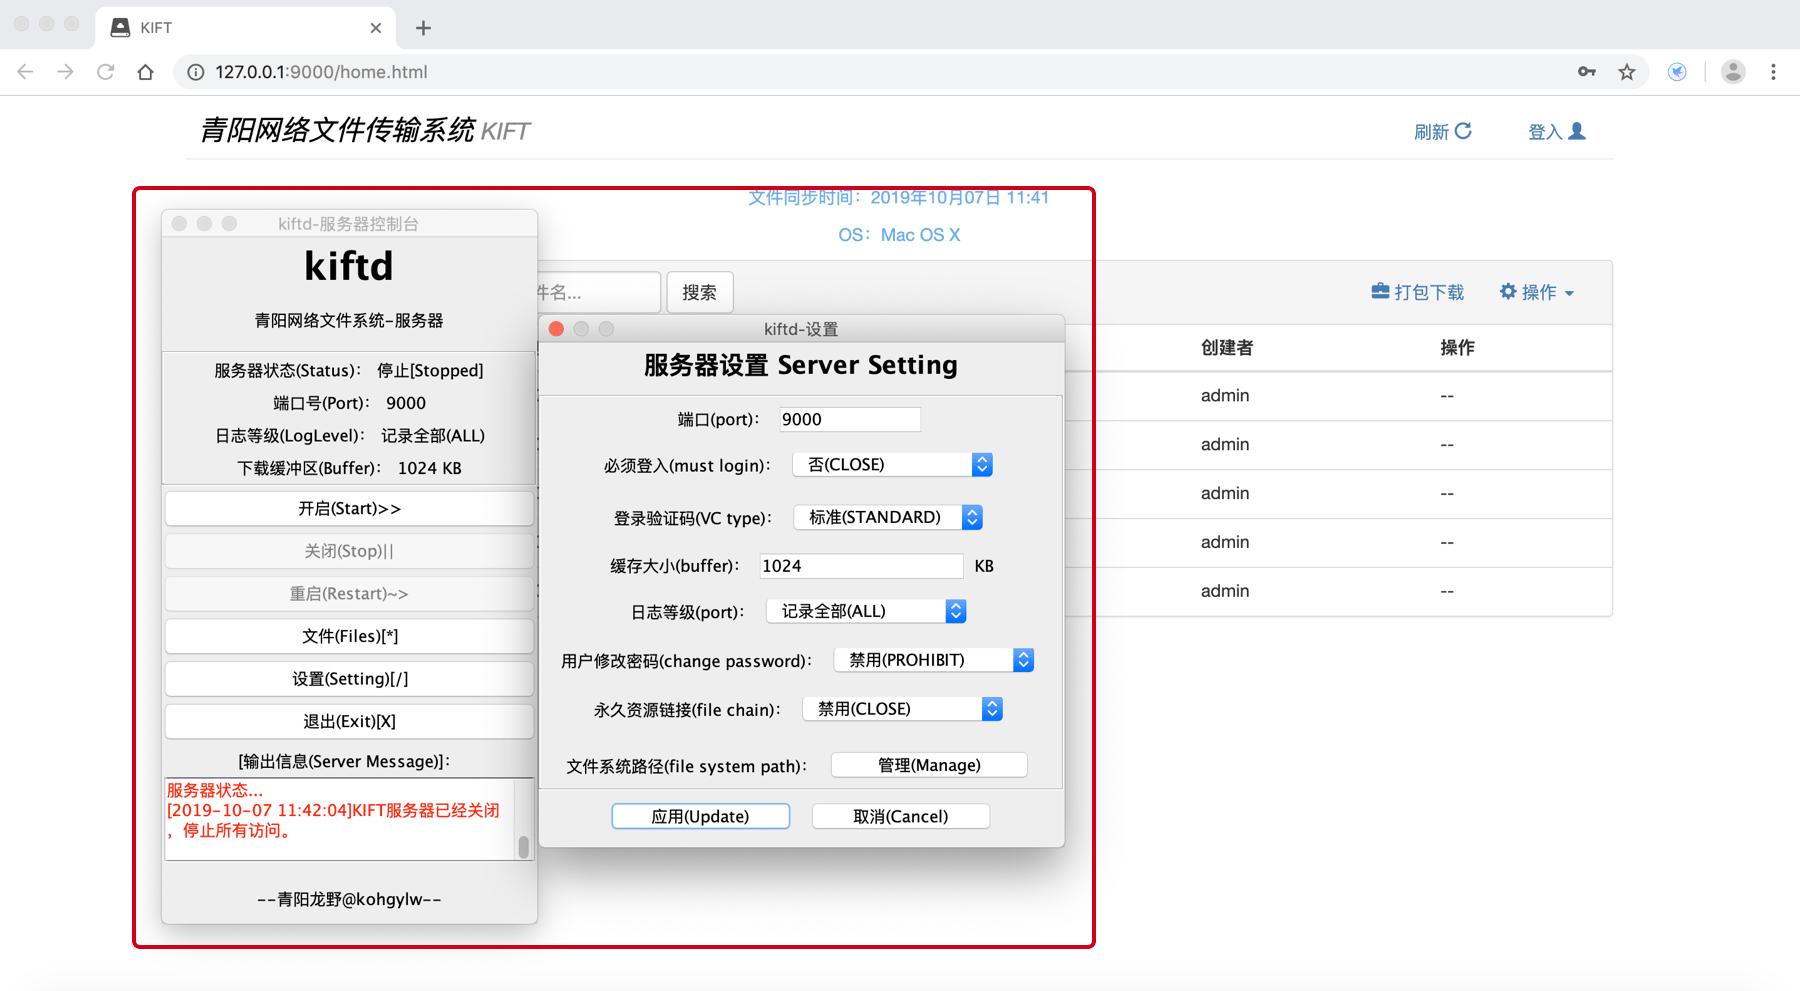 一款面向个人/团队/小型组织的开源网盘系统:kiftd